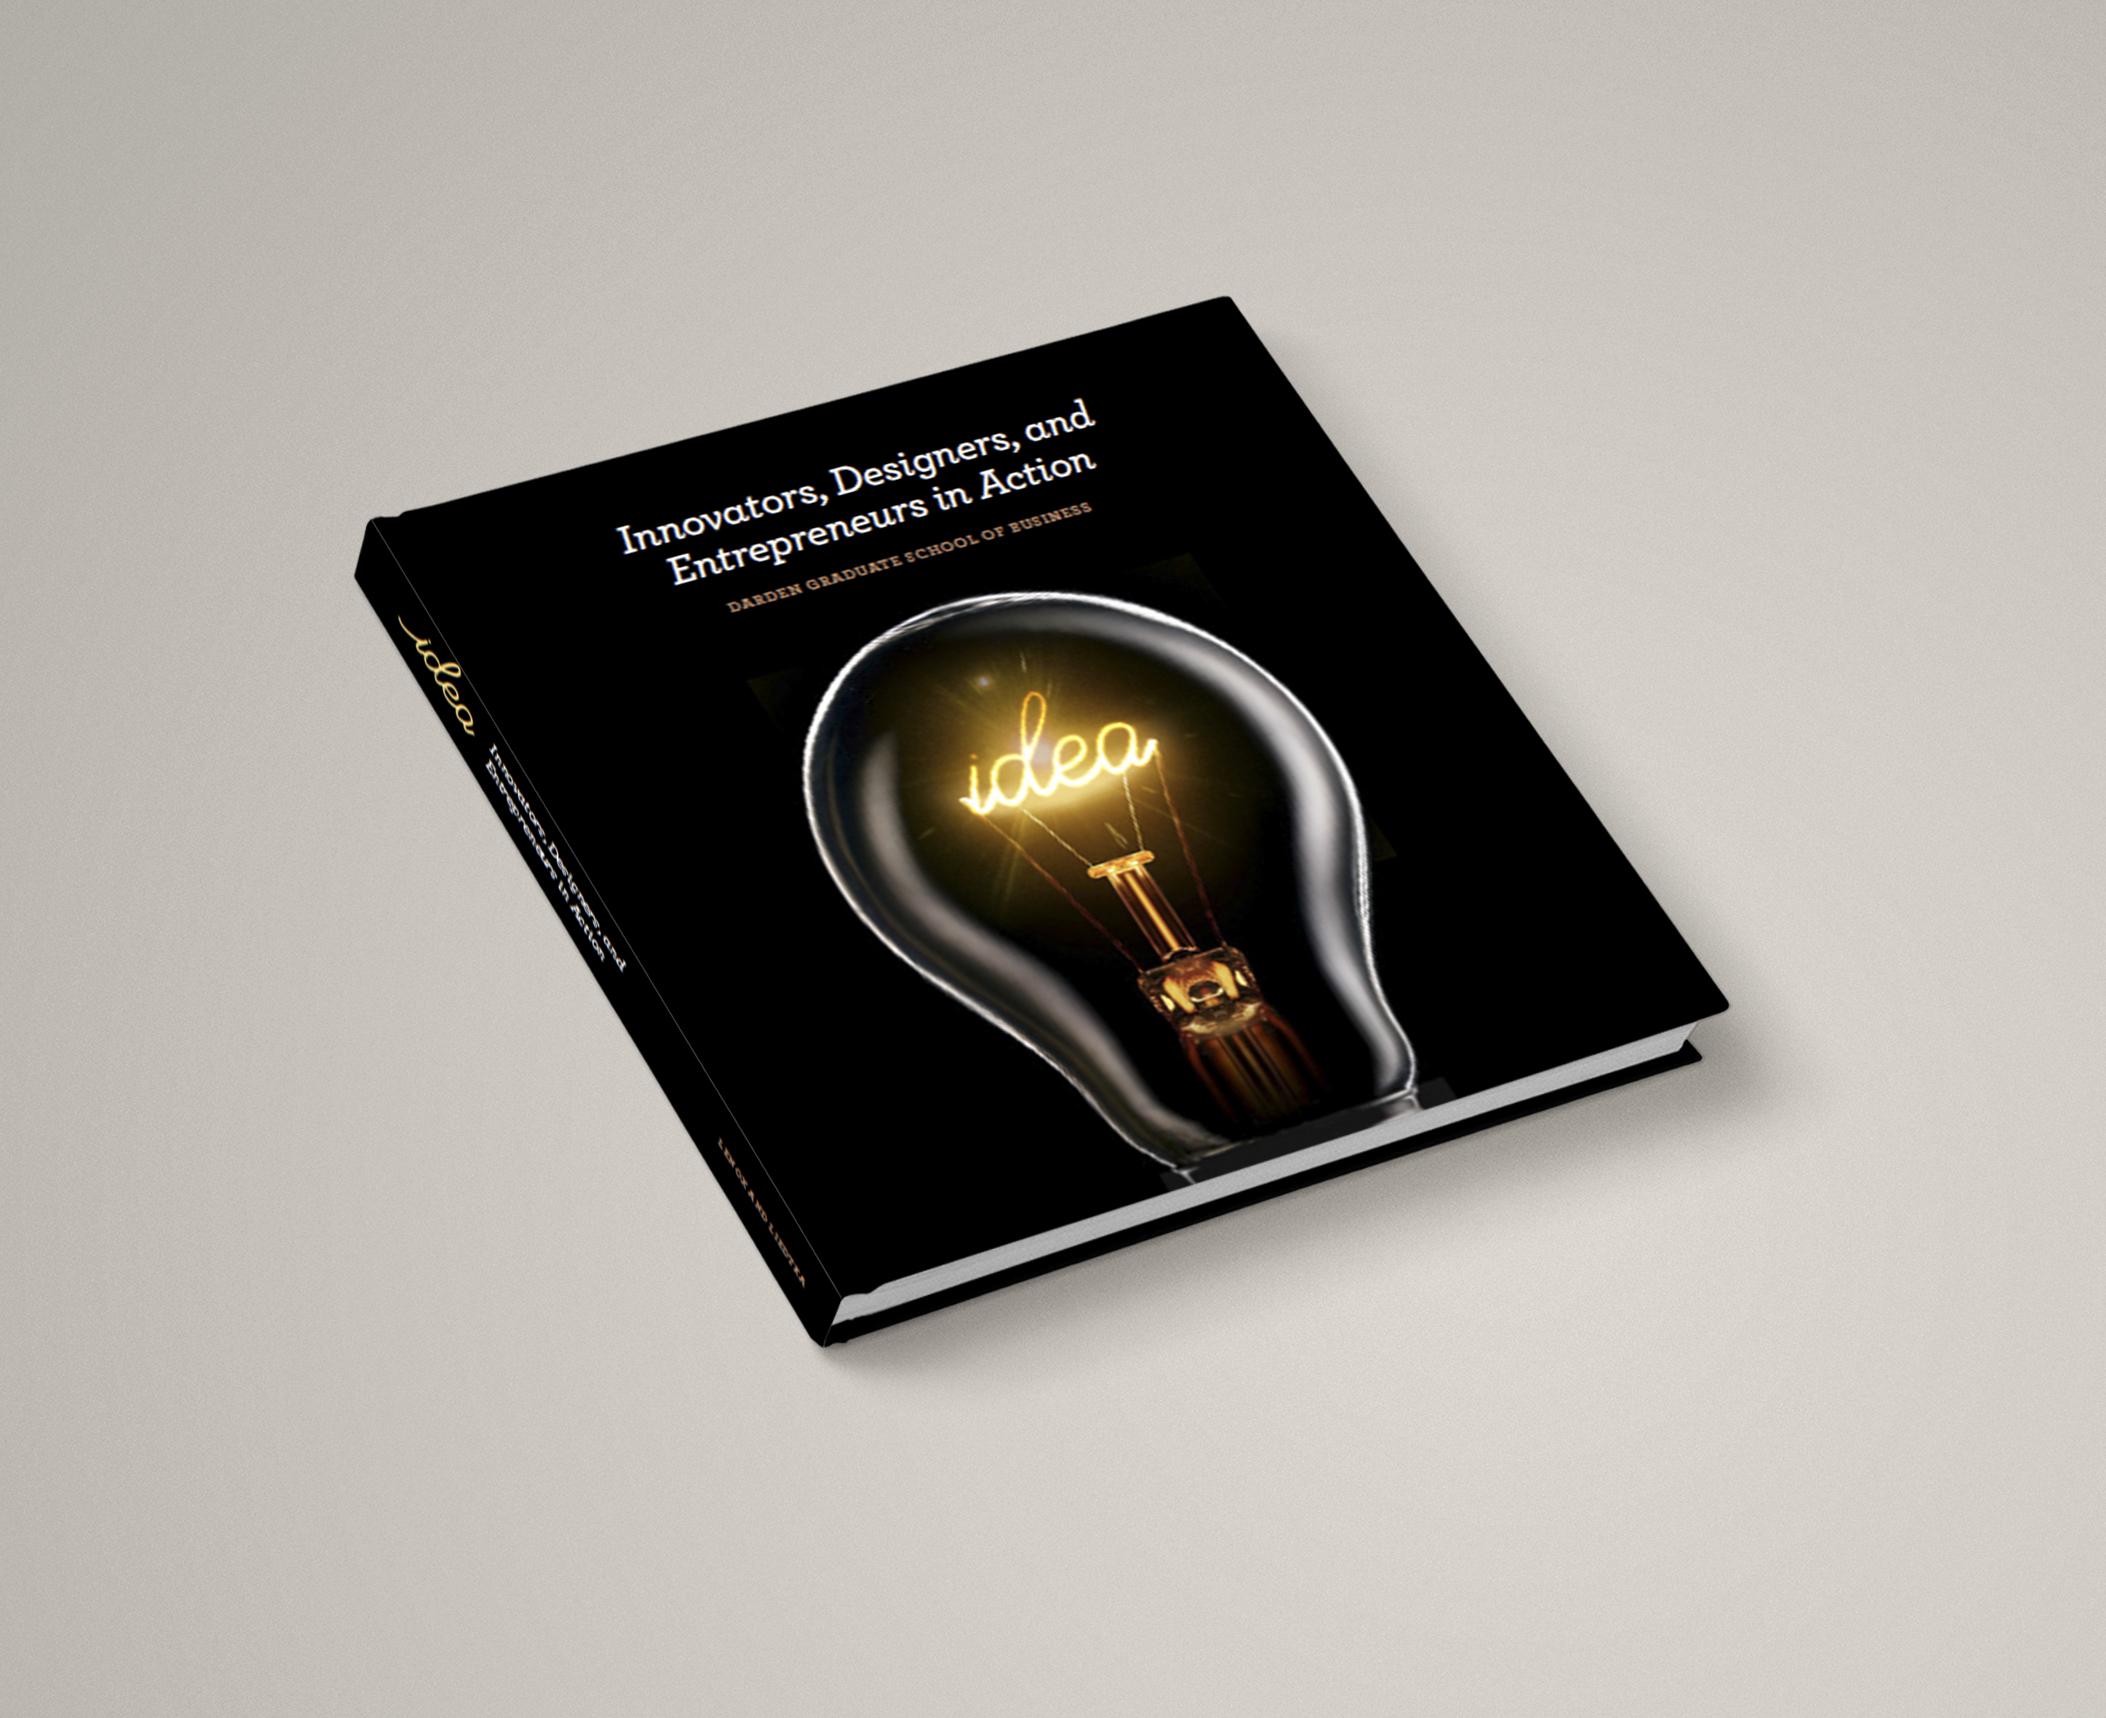 Square Book Mockup-IDEA 3.jpg